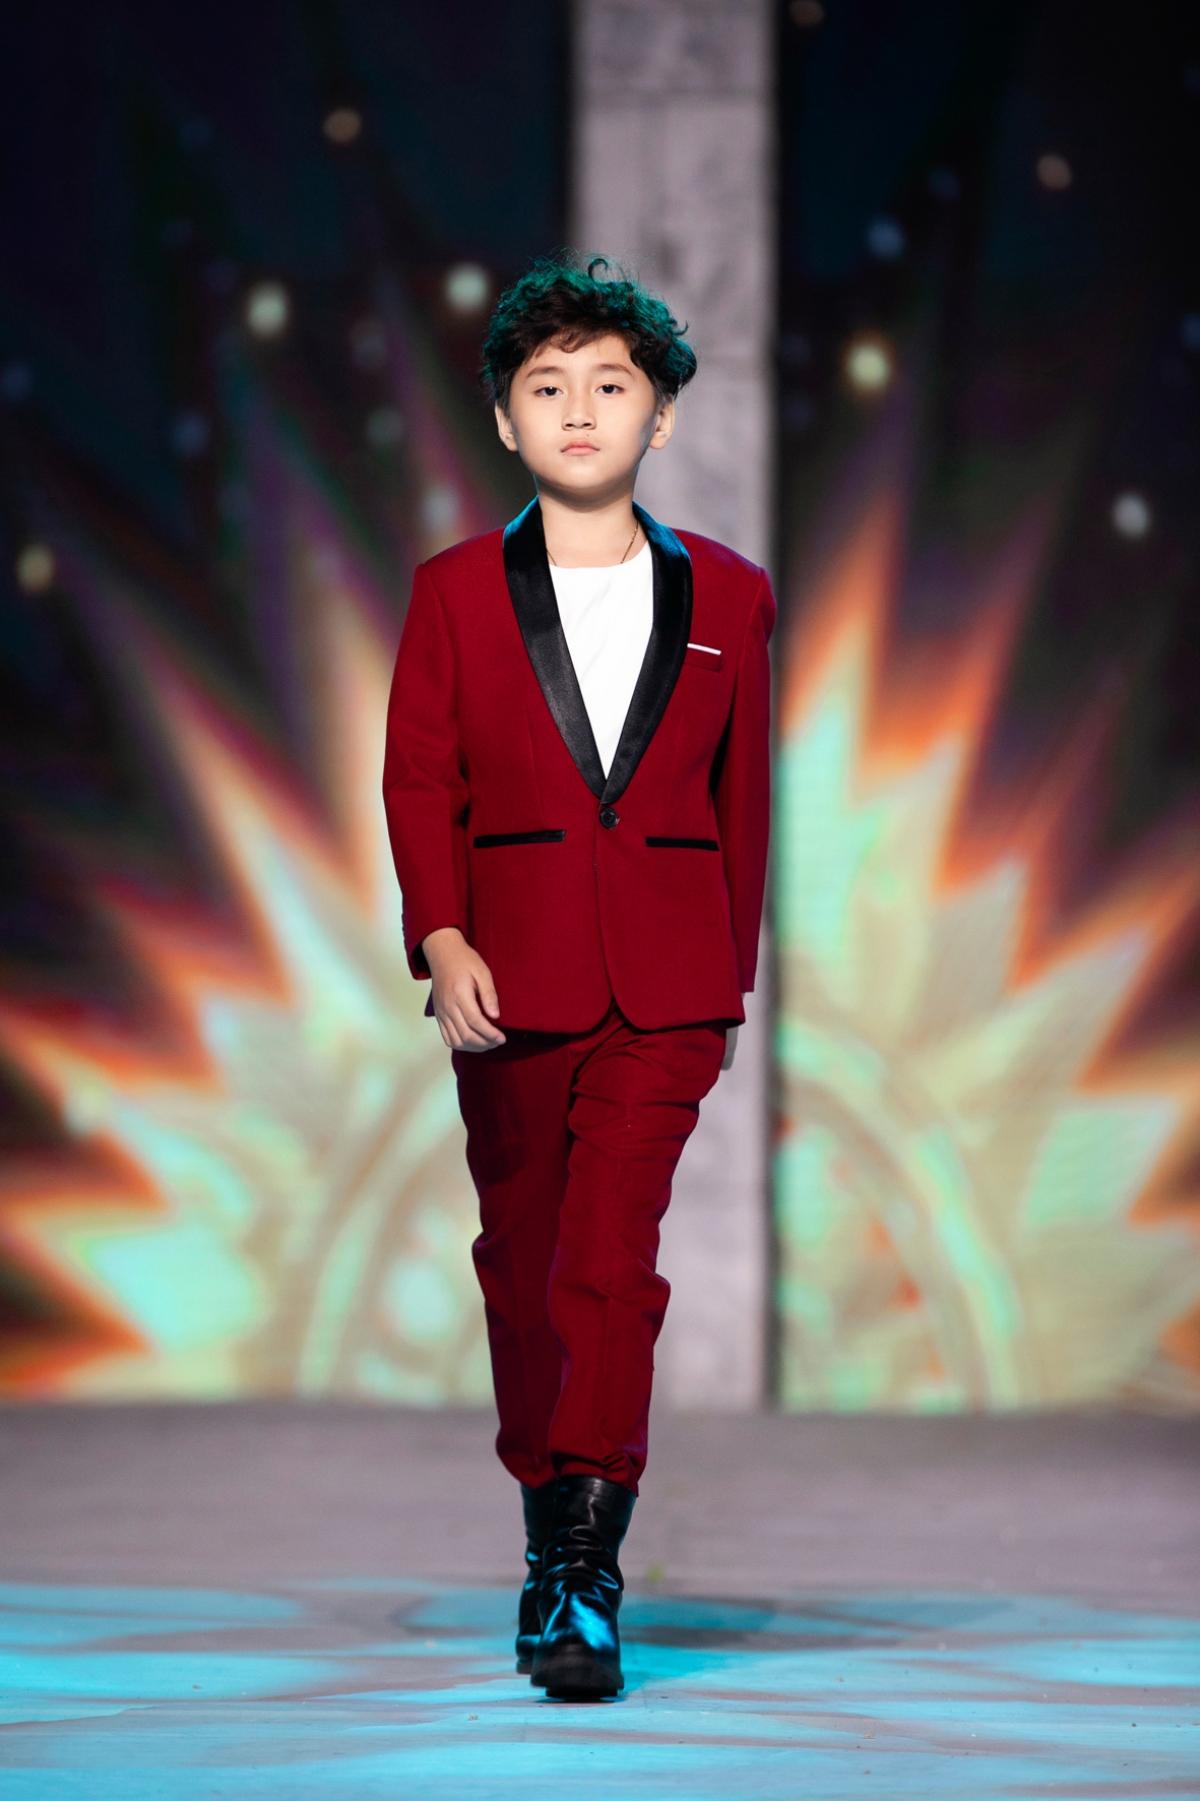 Trong tuần lễ thời trang lần này, mẫu nhí diễn mở màn cho BTS của Ruby Midu, diễn vedette cho BST của Domark Kids và first face cho BST Balabala.